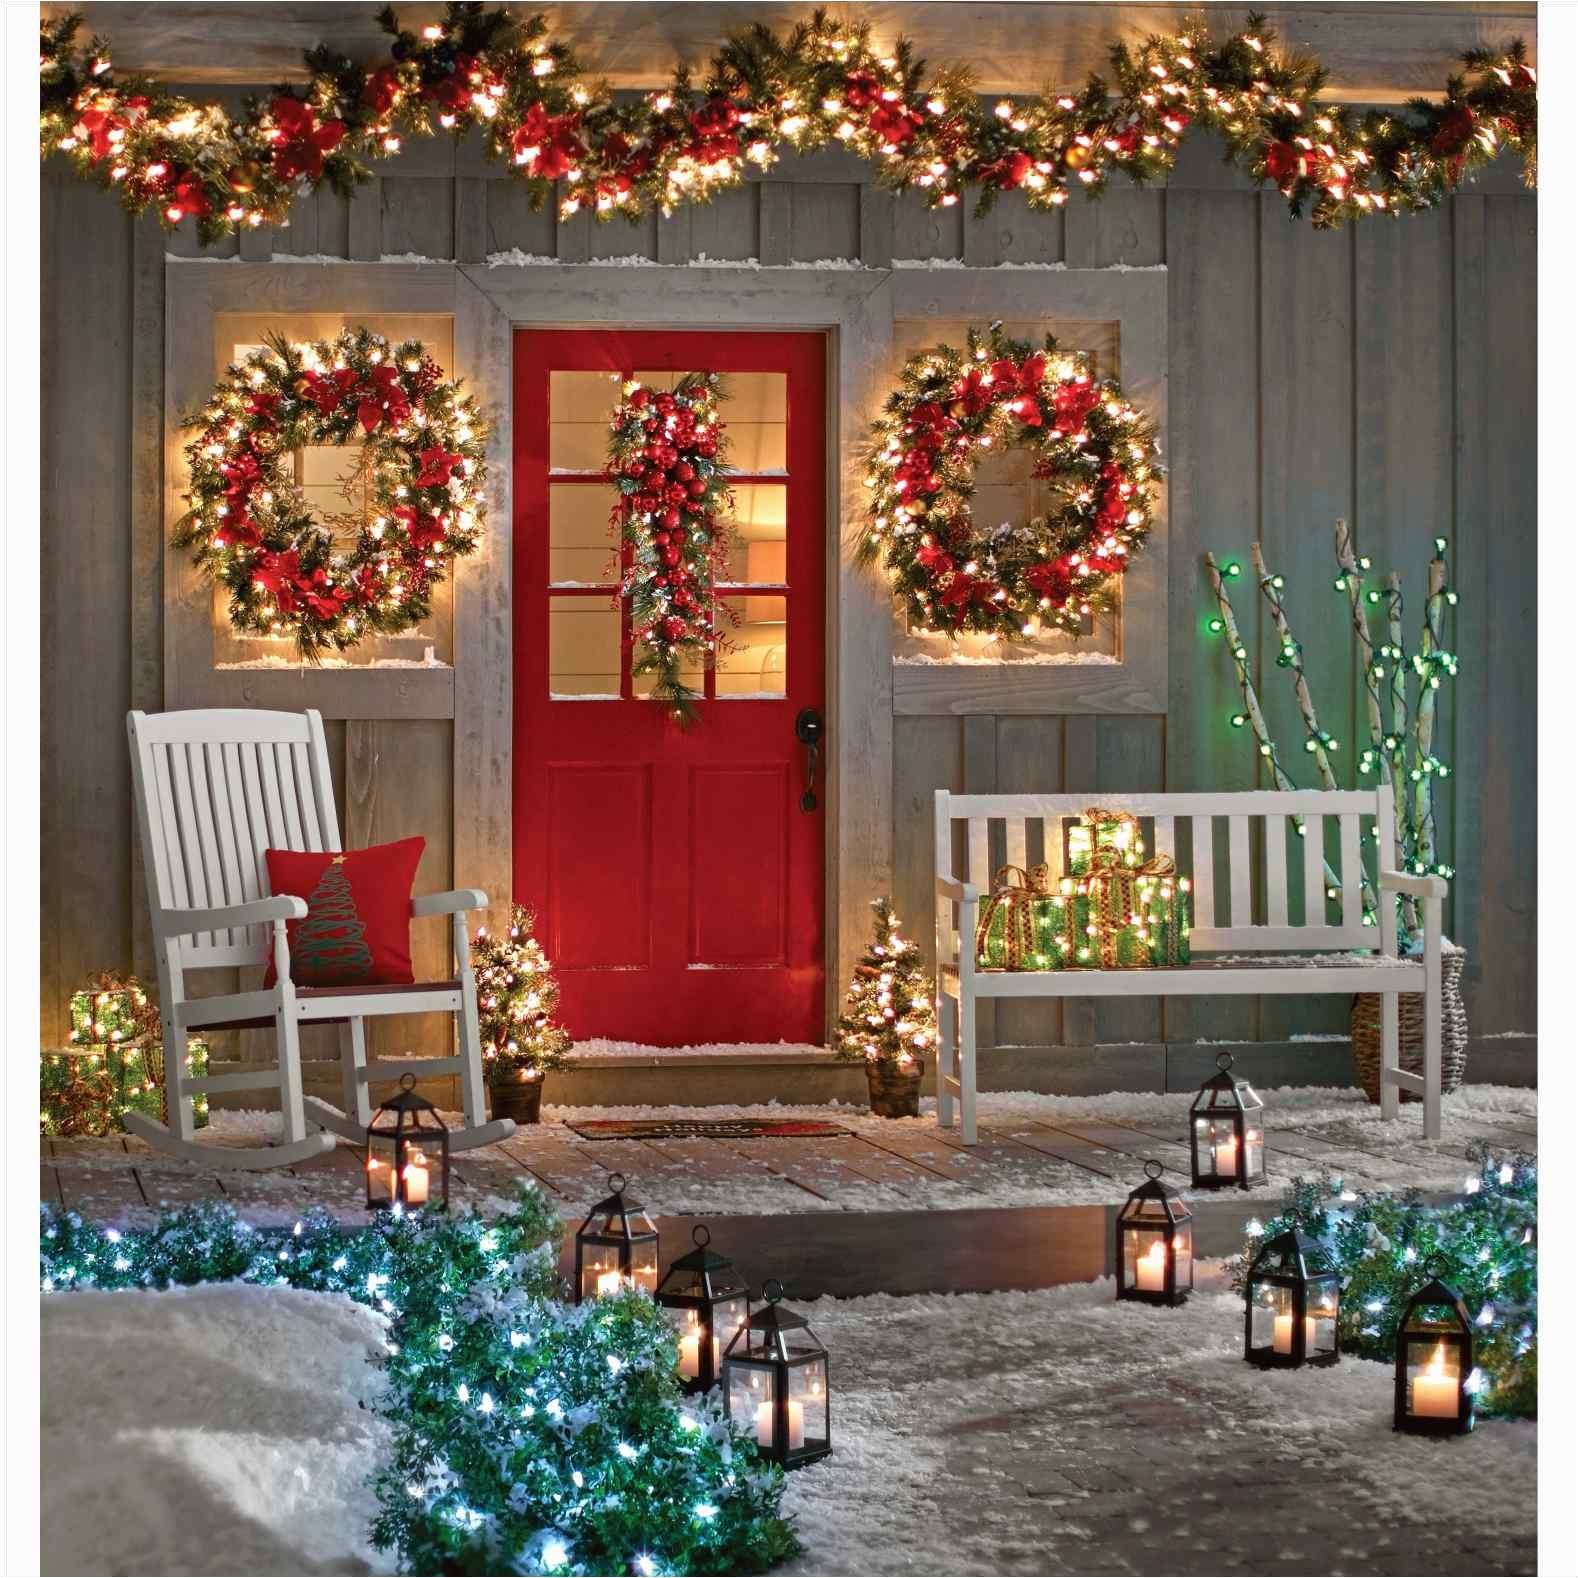 pre lit garland wreath artificial indoor wreaths gvine lighted garland outdoor outdoor lighting